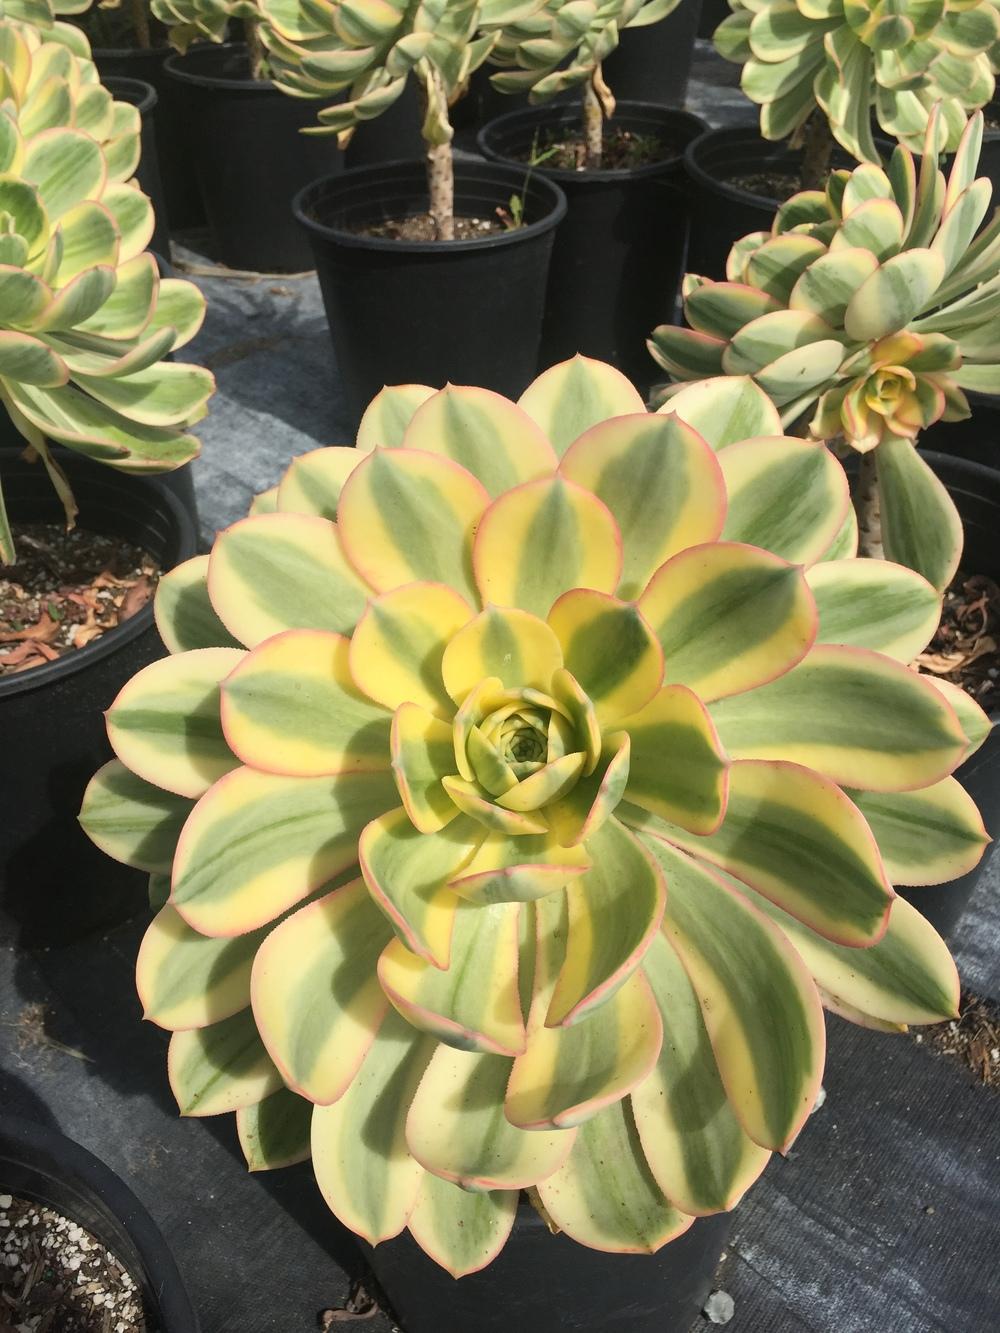 Aeonium decorum 'Sunburst'